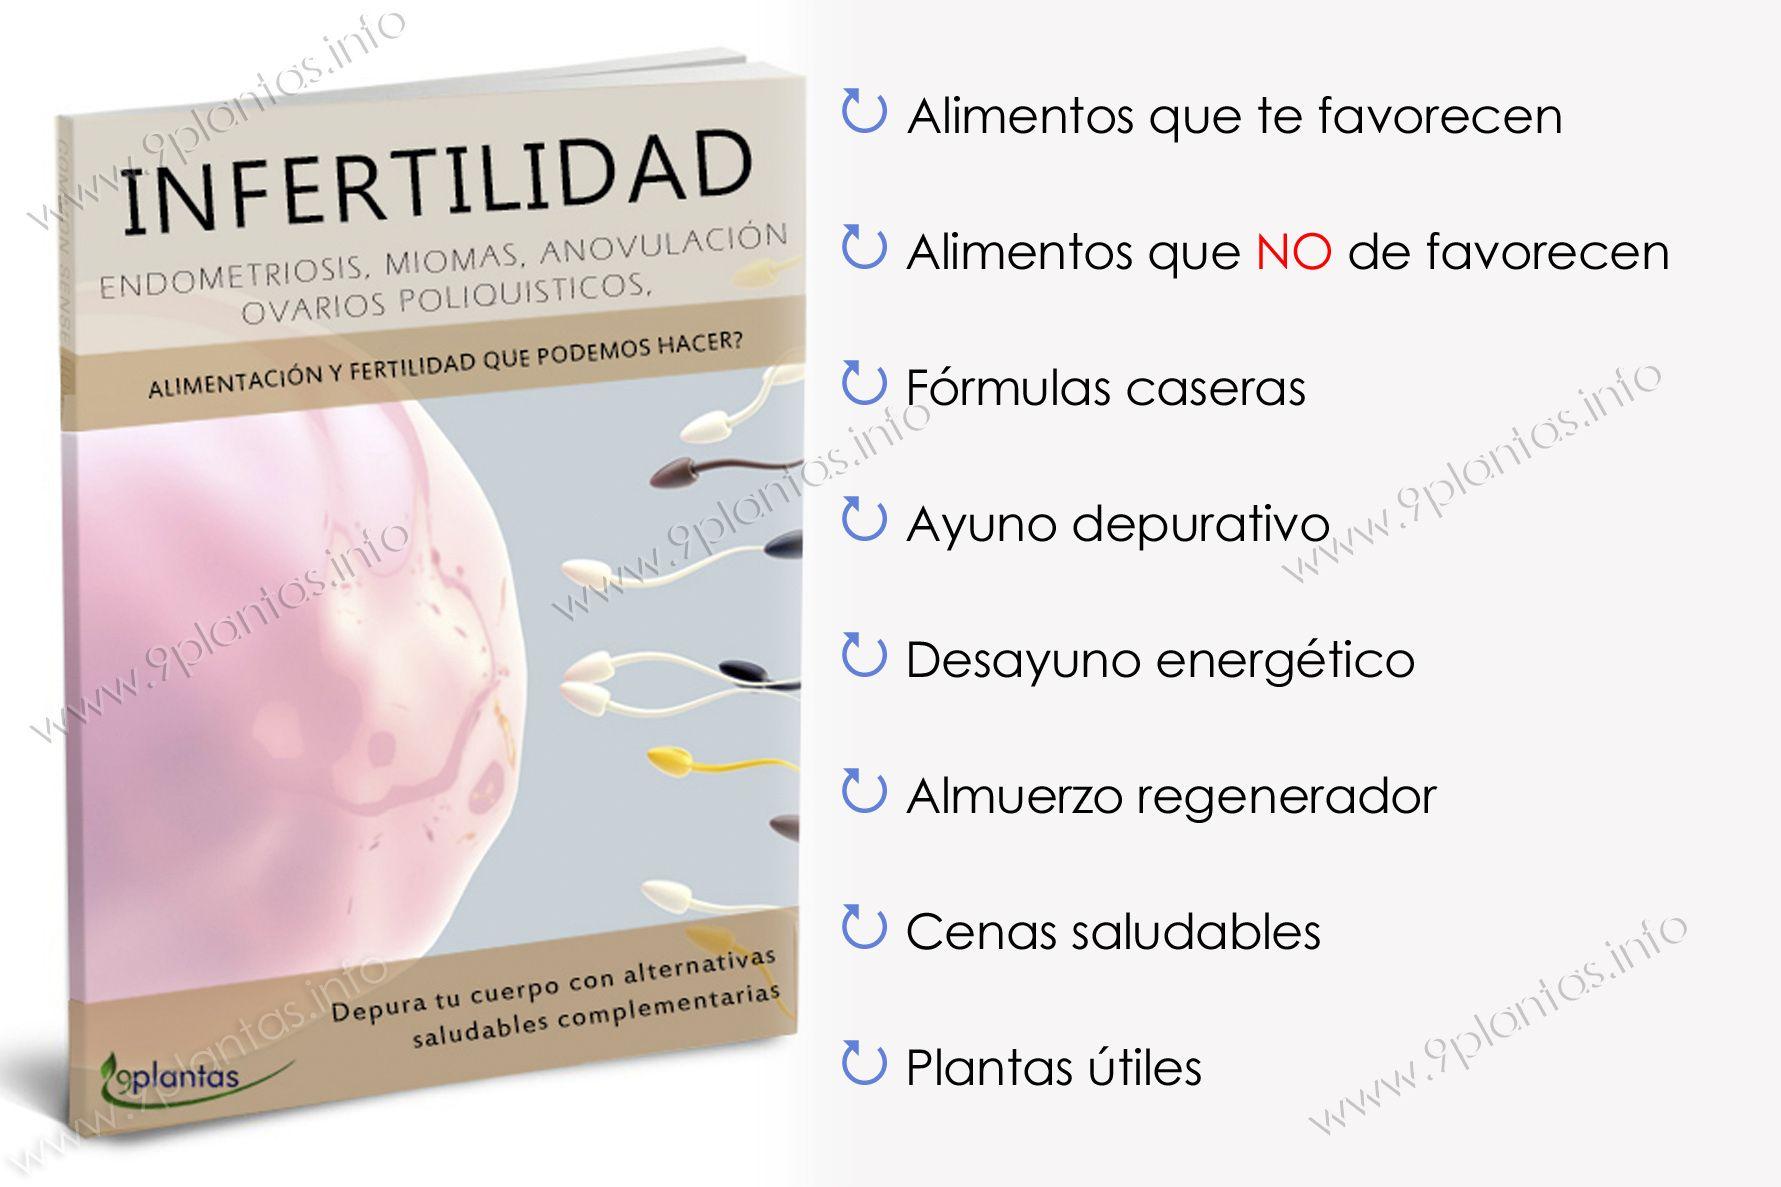 E-book | Infertilidad femenina, problemas hormonales